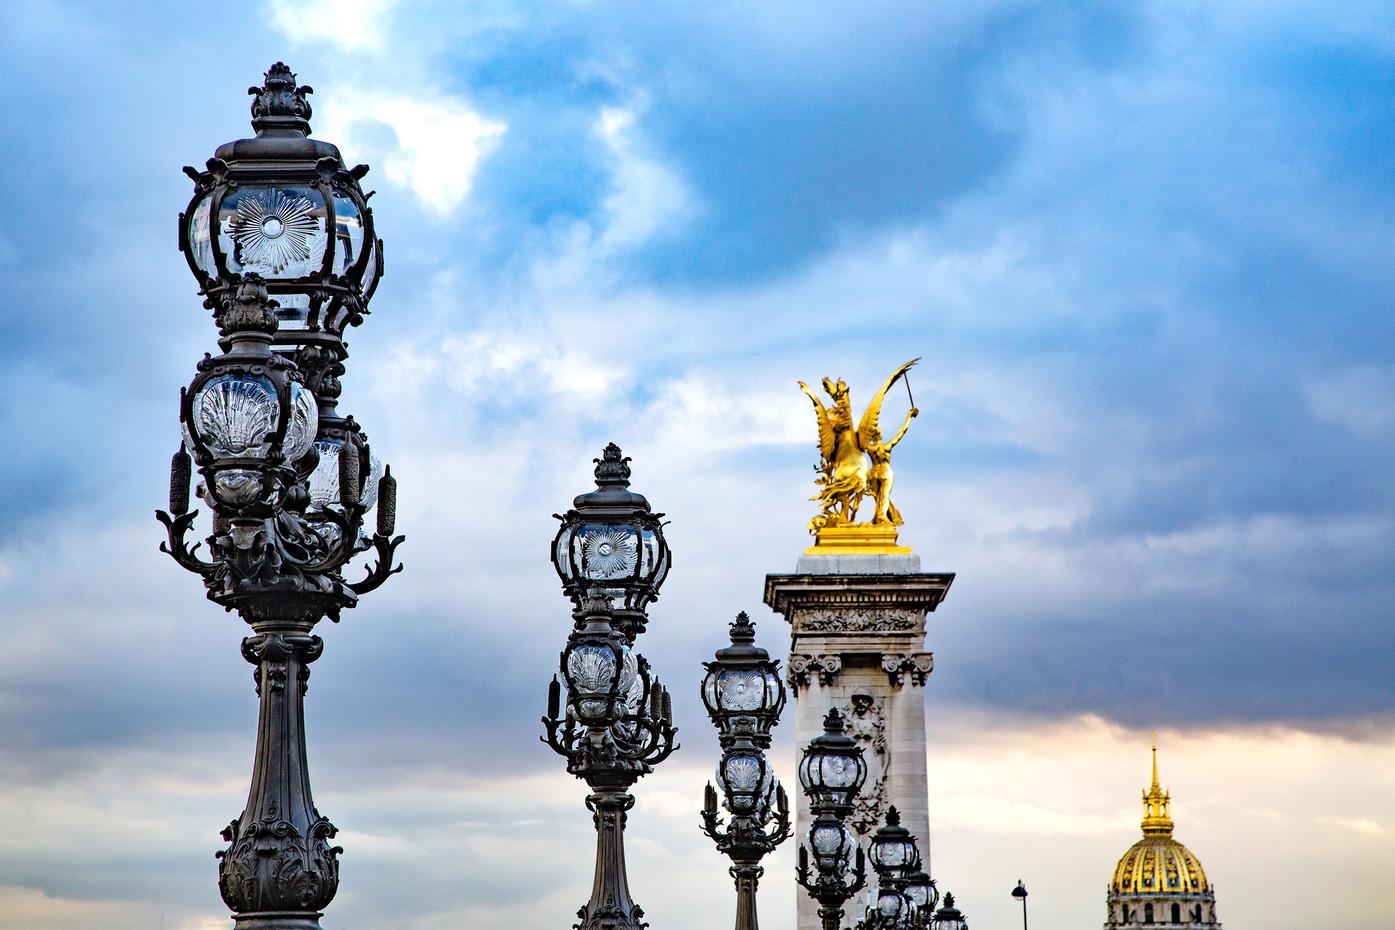 Alexander the III Bridge in Paris, France